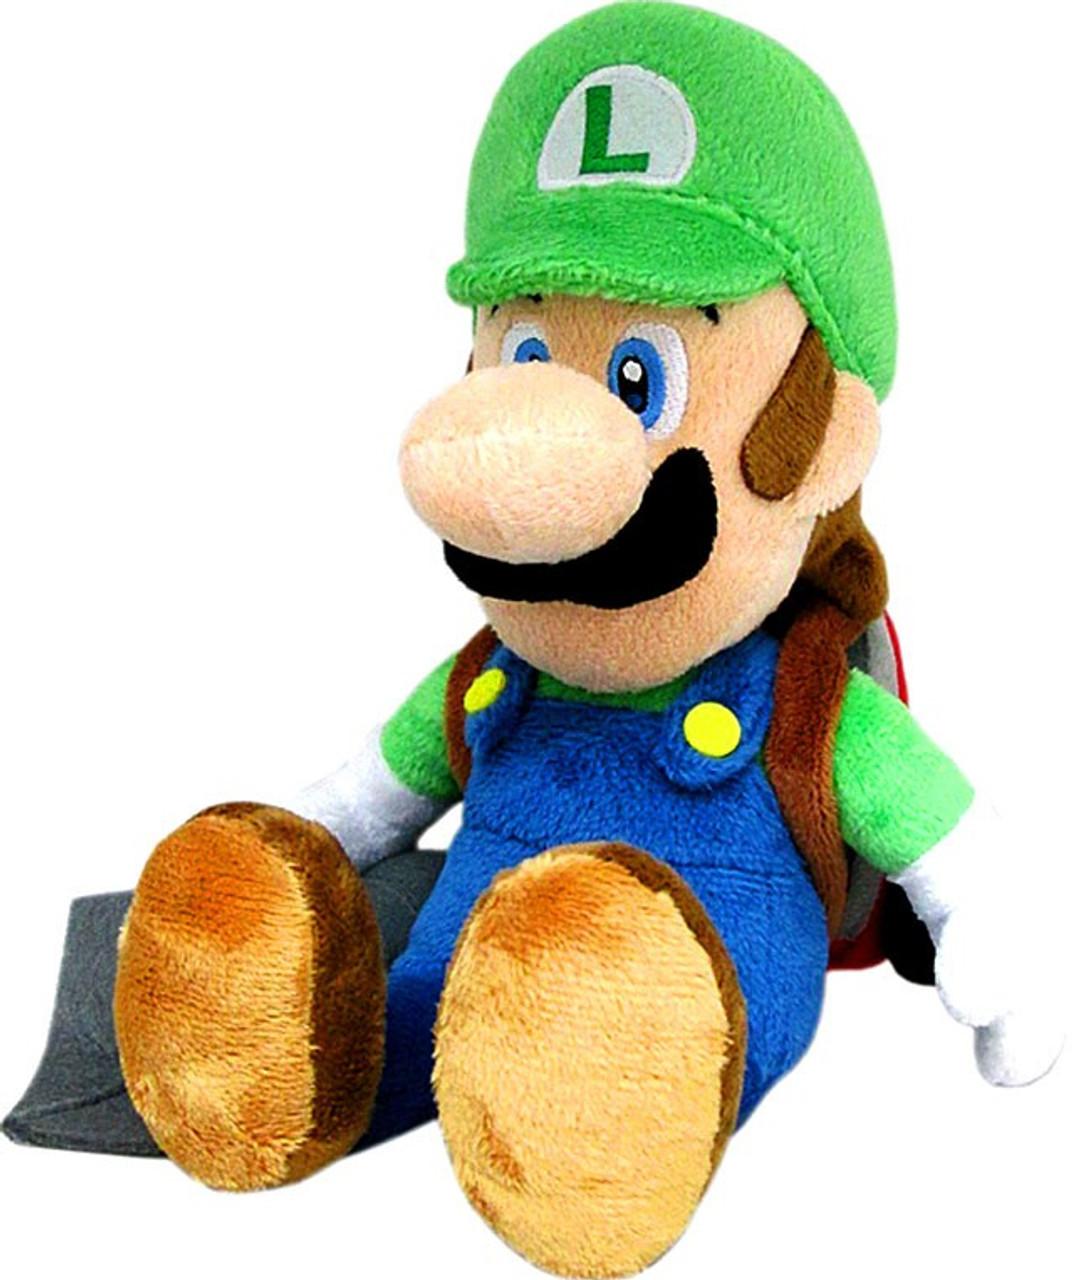 Super Mario Luigi 7 Plush Poltergust 5000 San Ei Toywiz